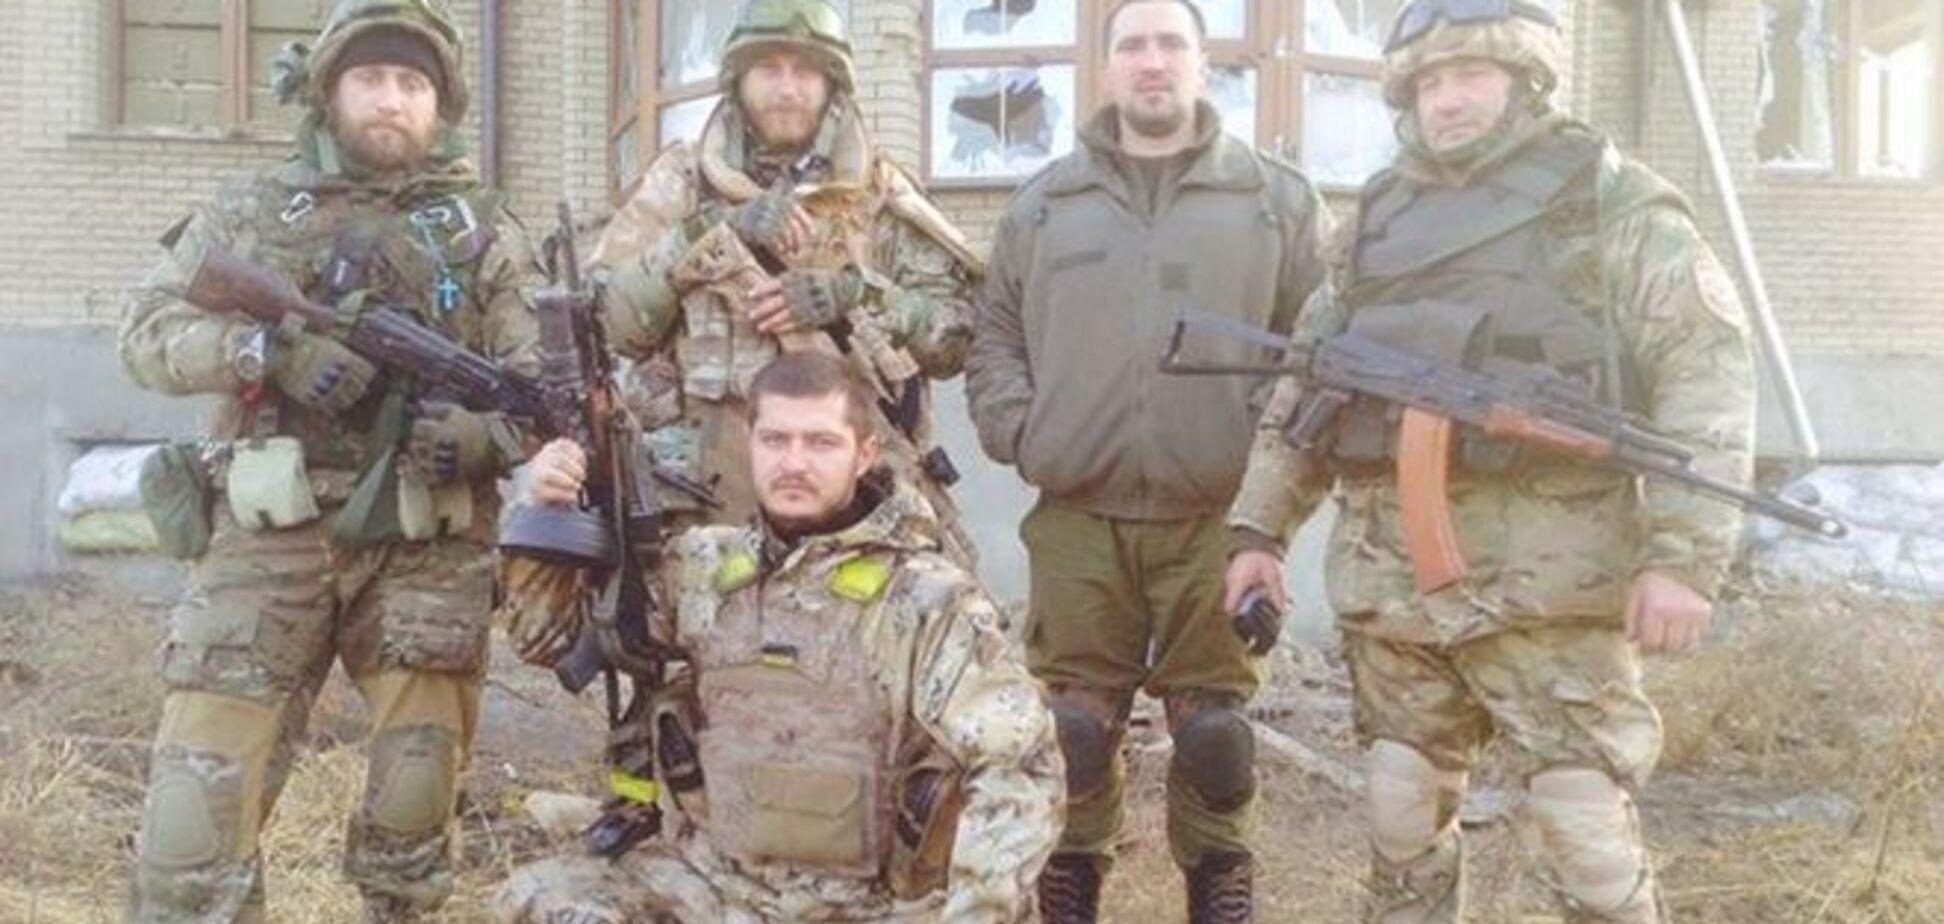 Рэпер Ларсон, воюющий в АТО, показал обстрел поселка Пески и элитные 'брошенки'